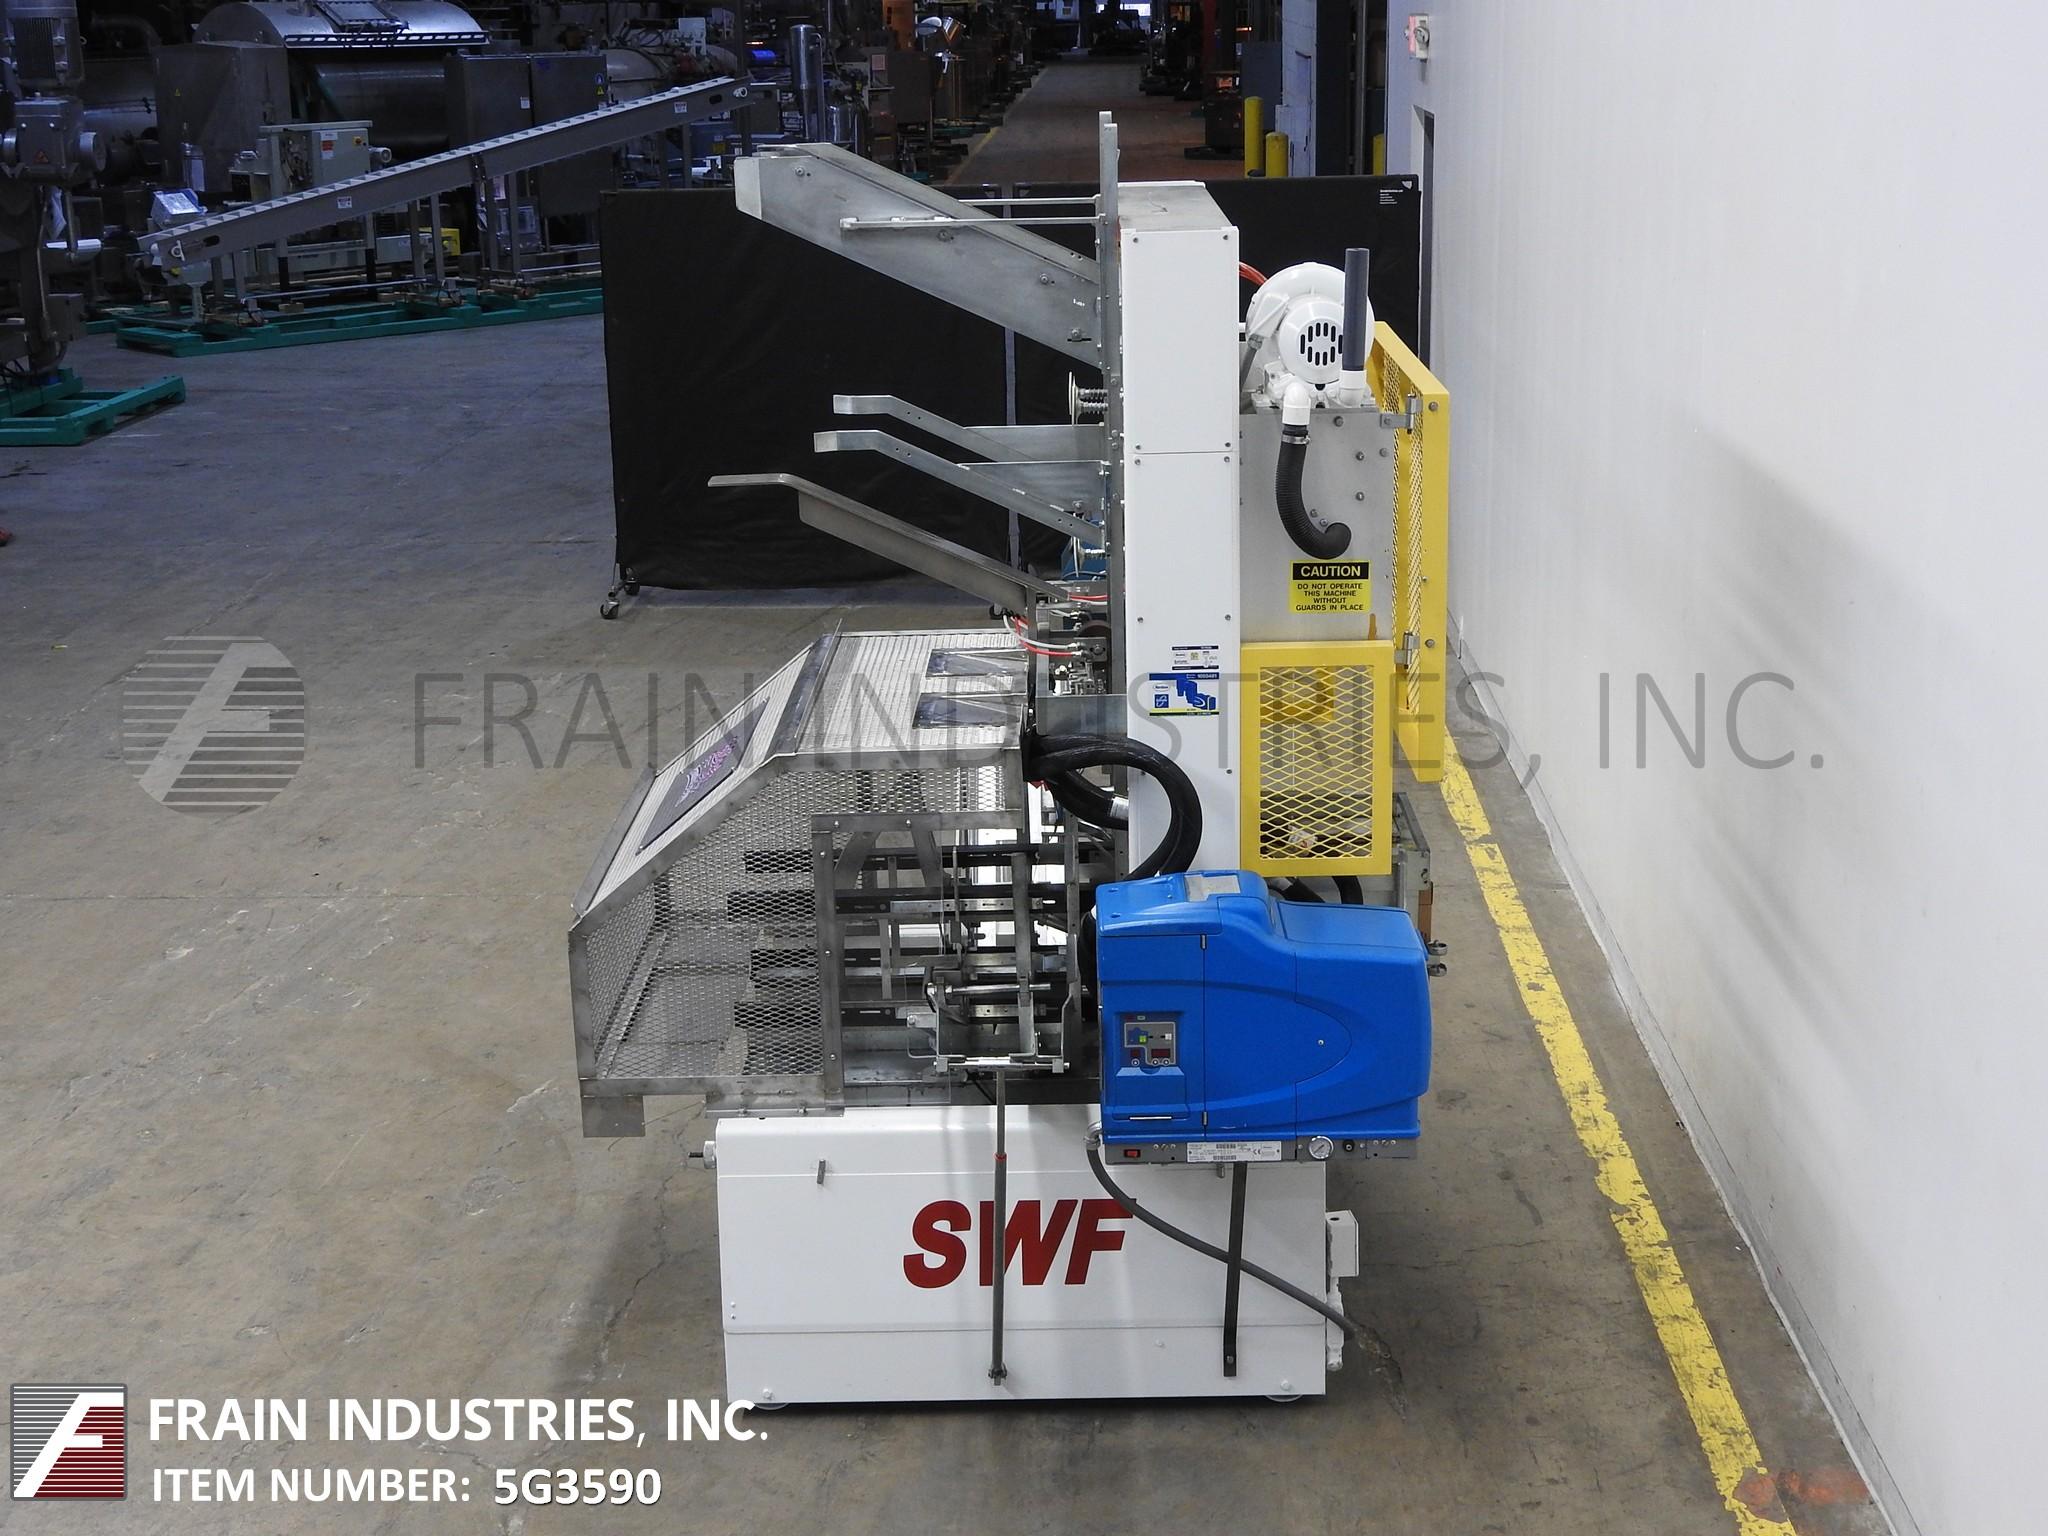 SWF Case Erector Bliss 1D5A